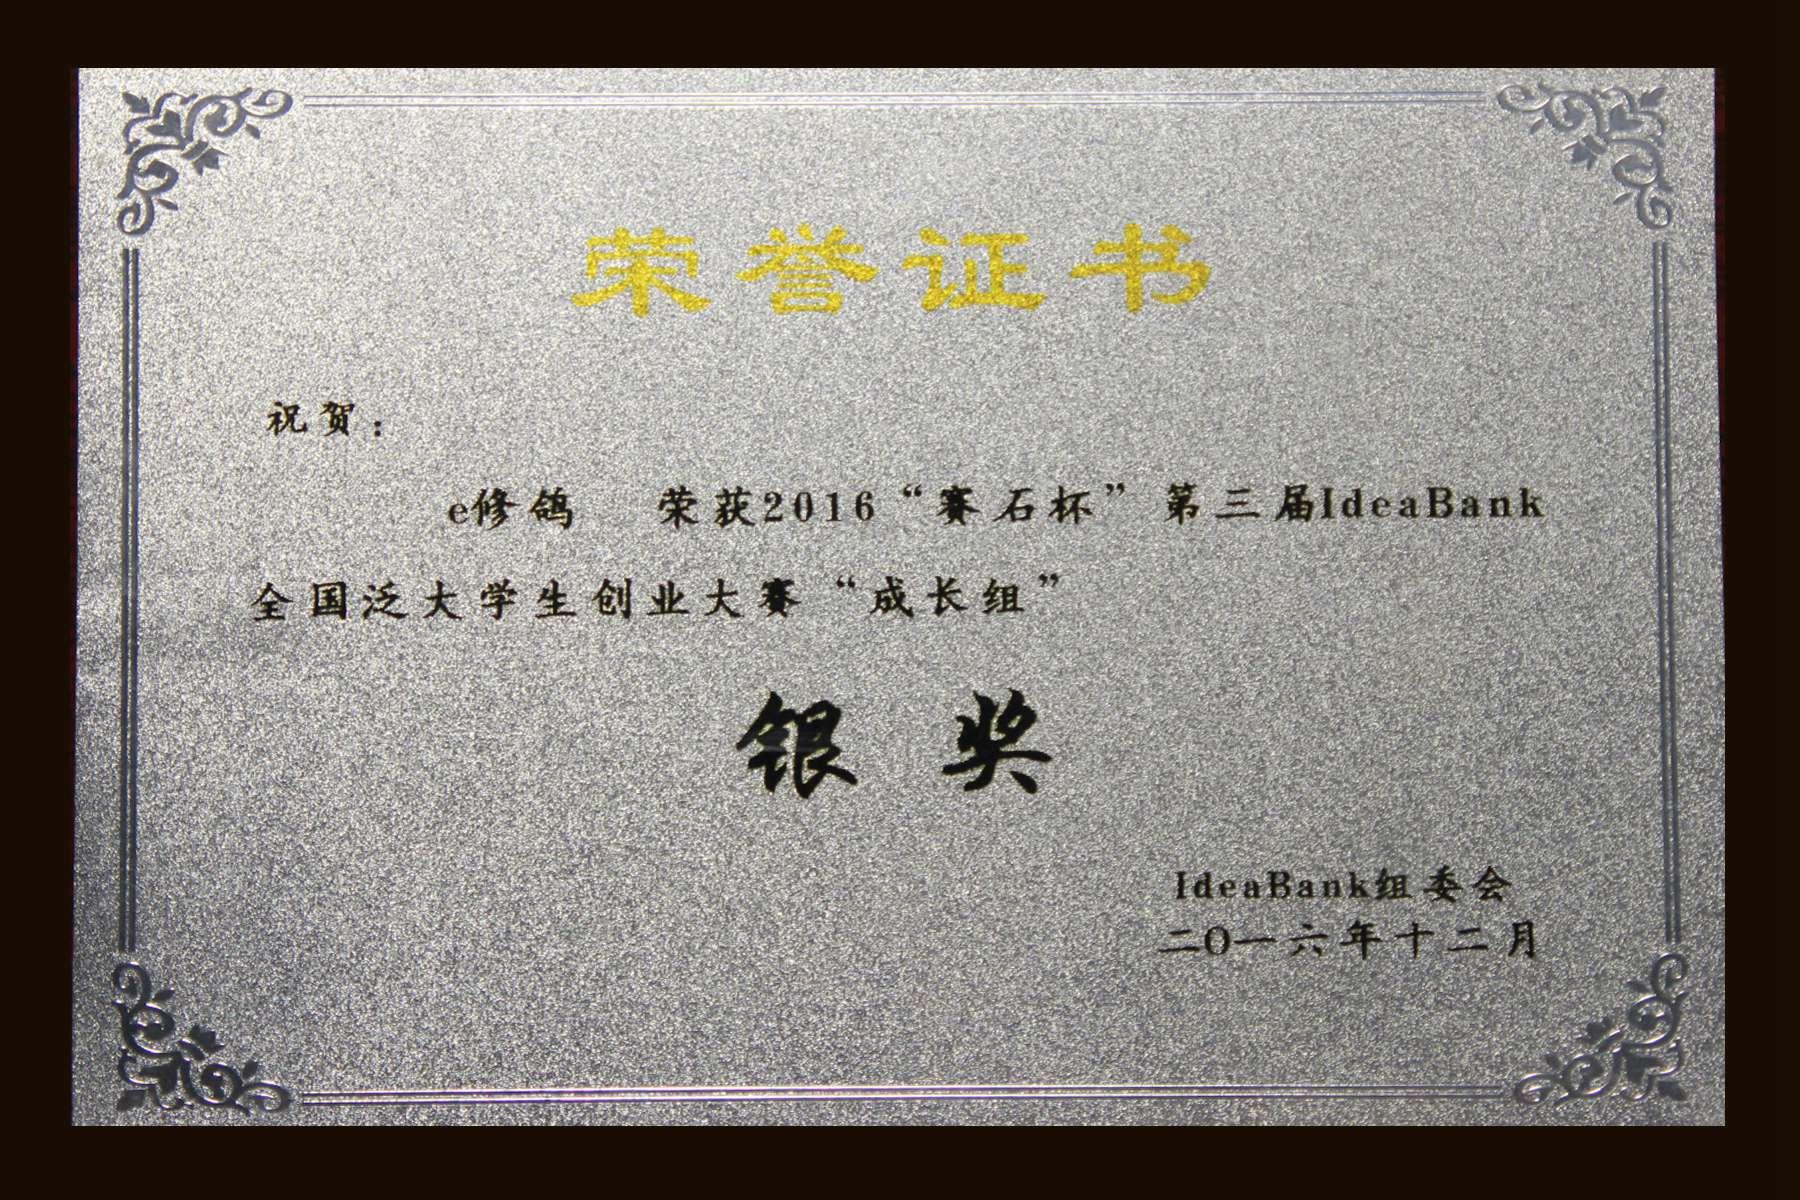 """第三届IdeaBank全国泛大学生创业大赛""""成长组""""银奖"""